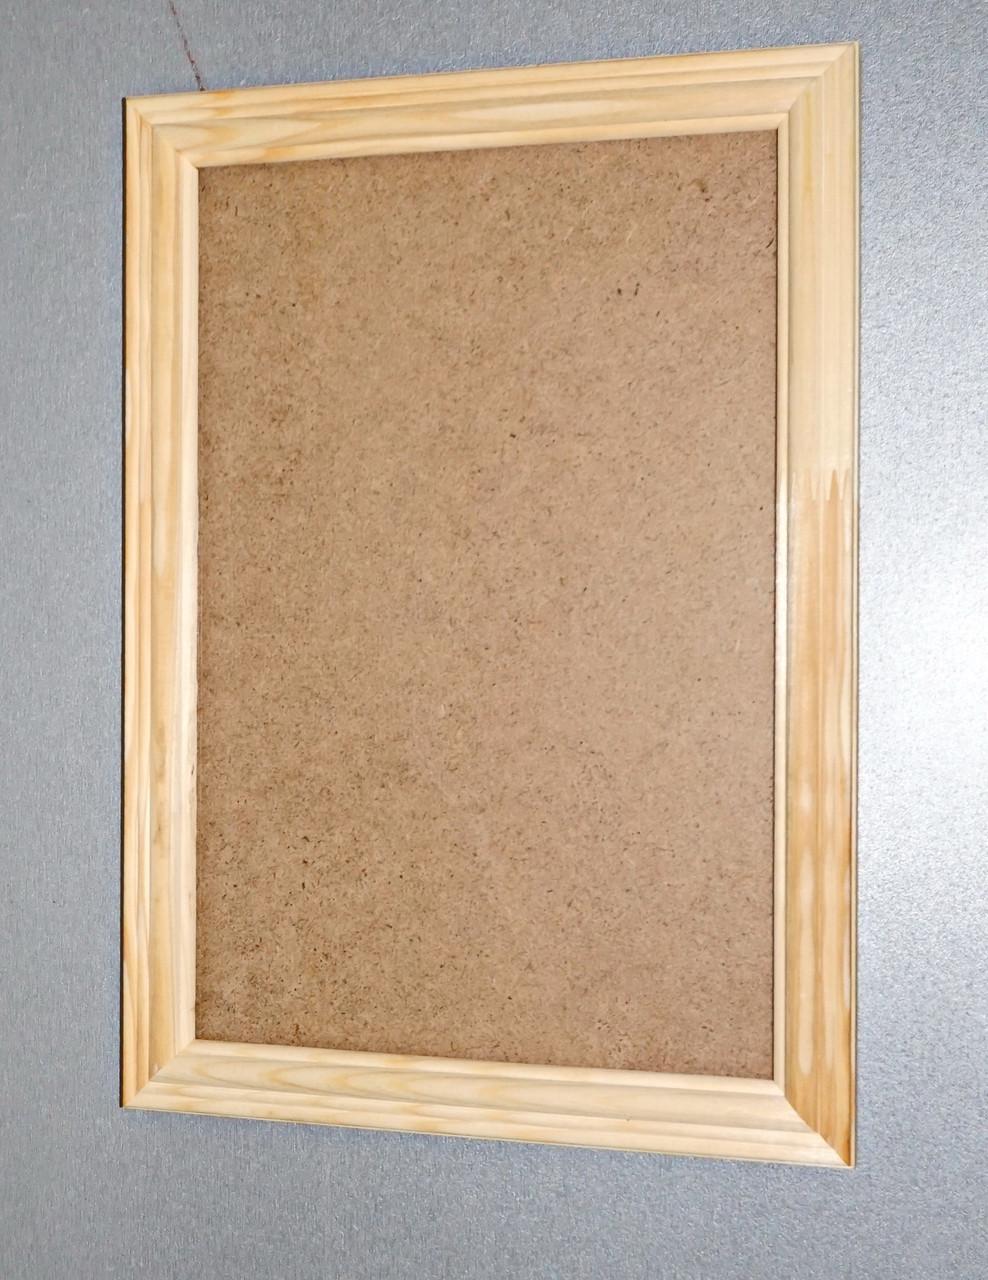 Рамки деревянные рельефные под отделку 25мм. Размер, см.  20*40